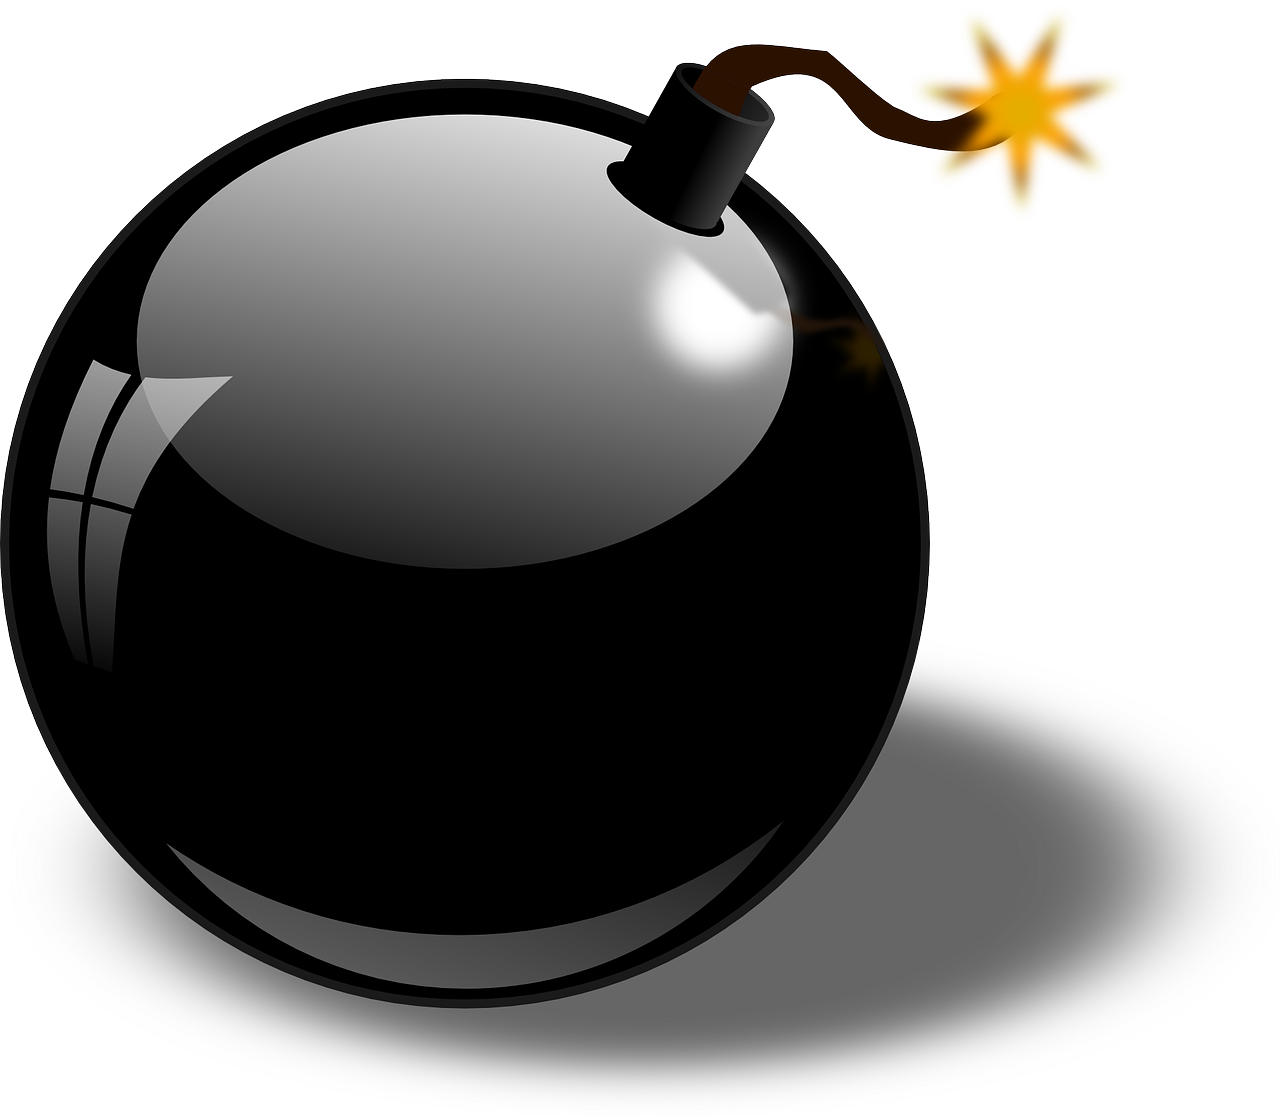 Bomb Clipart-bomb clipart-0